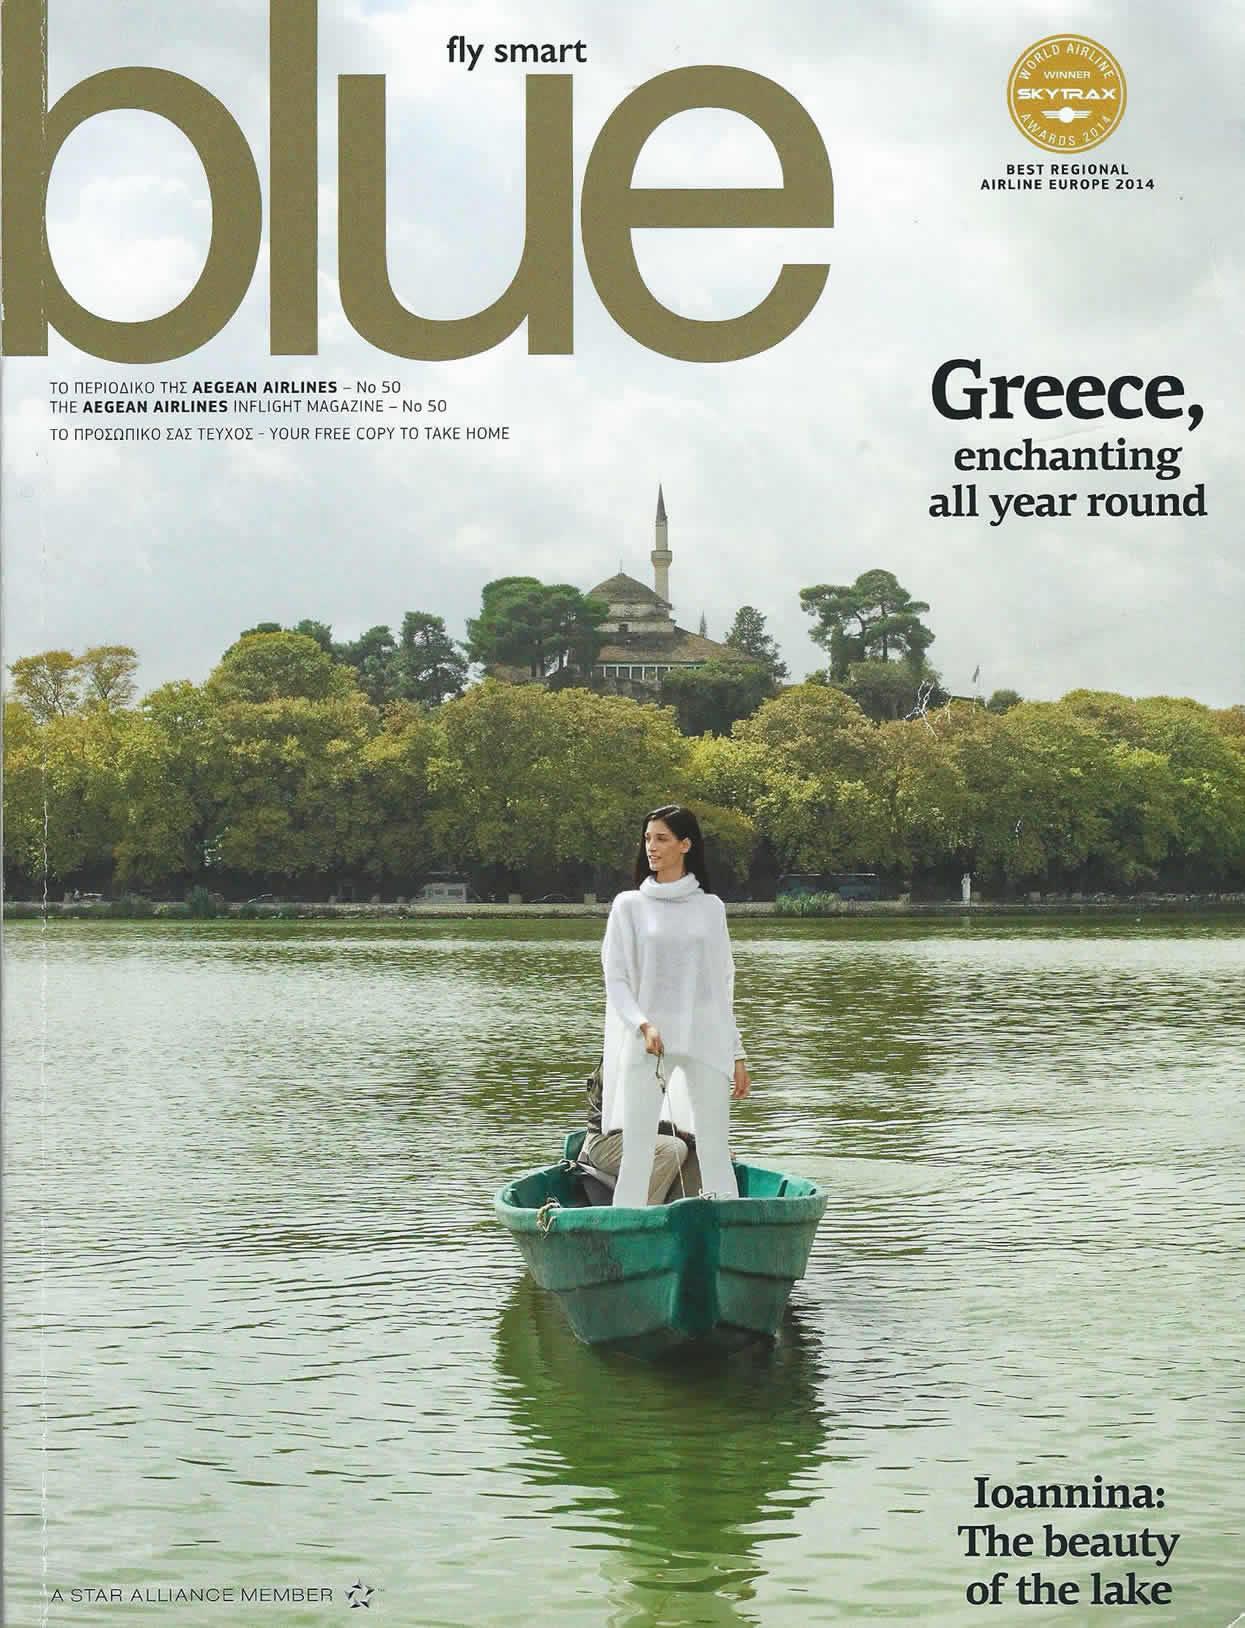 Ζαγοροχώρια - Φαγητό | Περιοδικό Blue, Aegean Airlines